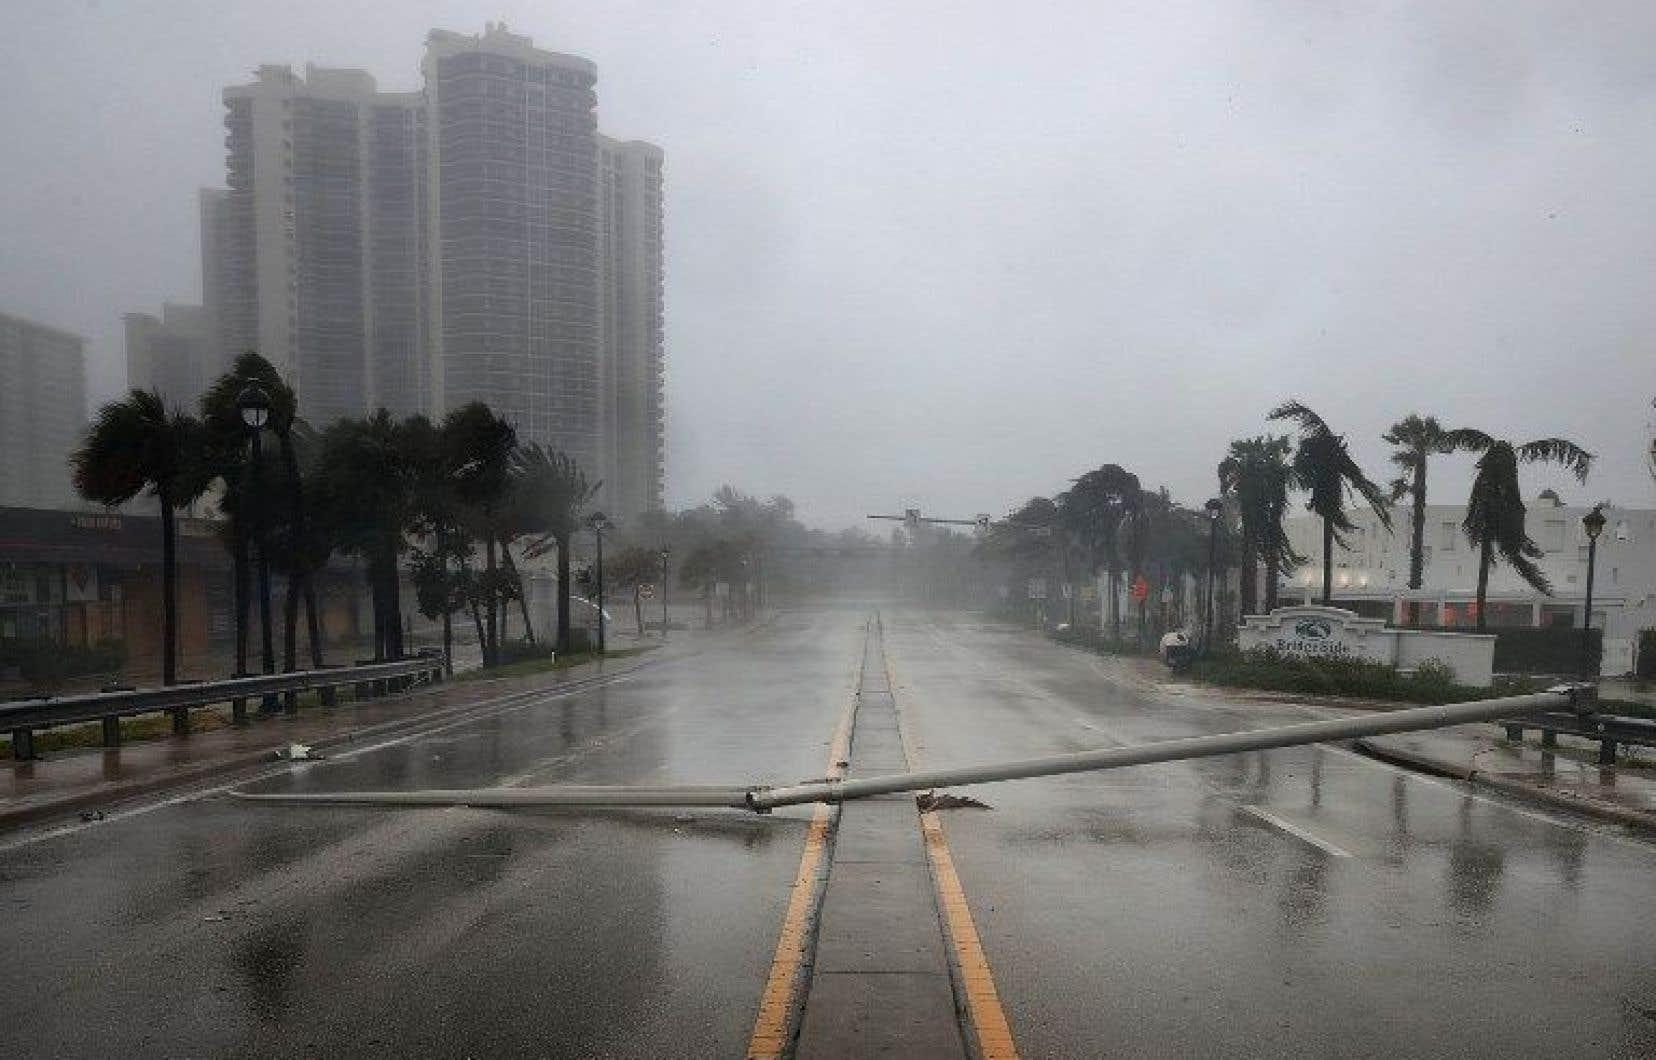 L'ouragan Irma a été rétrogradé en catégorie 2 après avoir touché terre en Floride, dimanche.